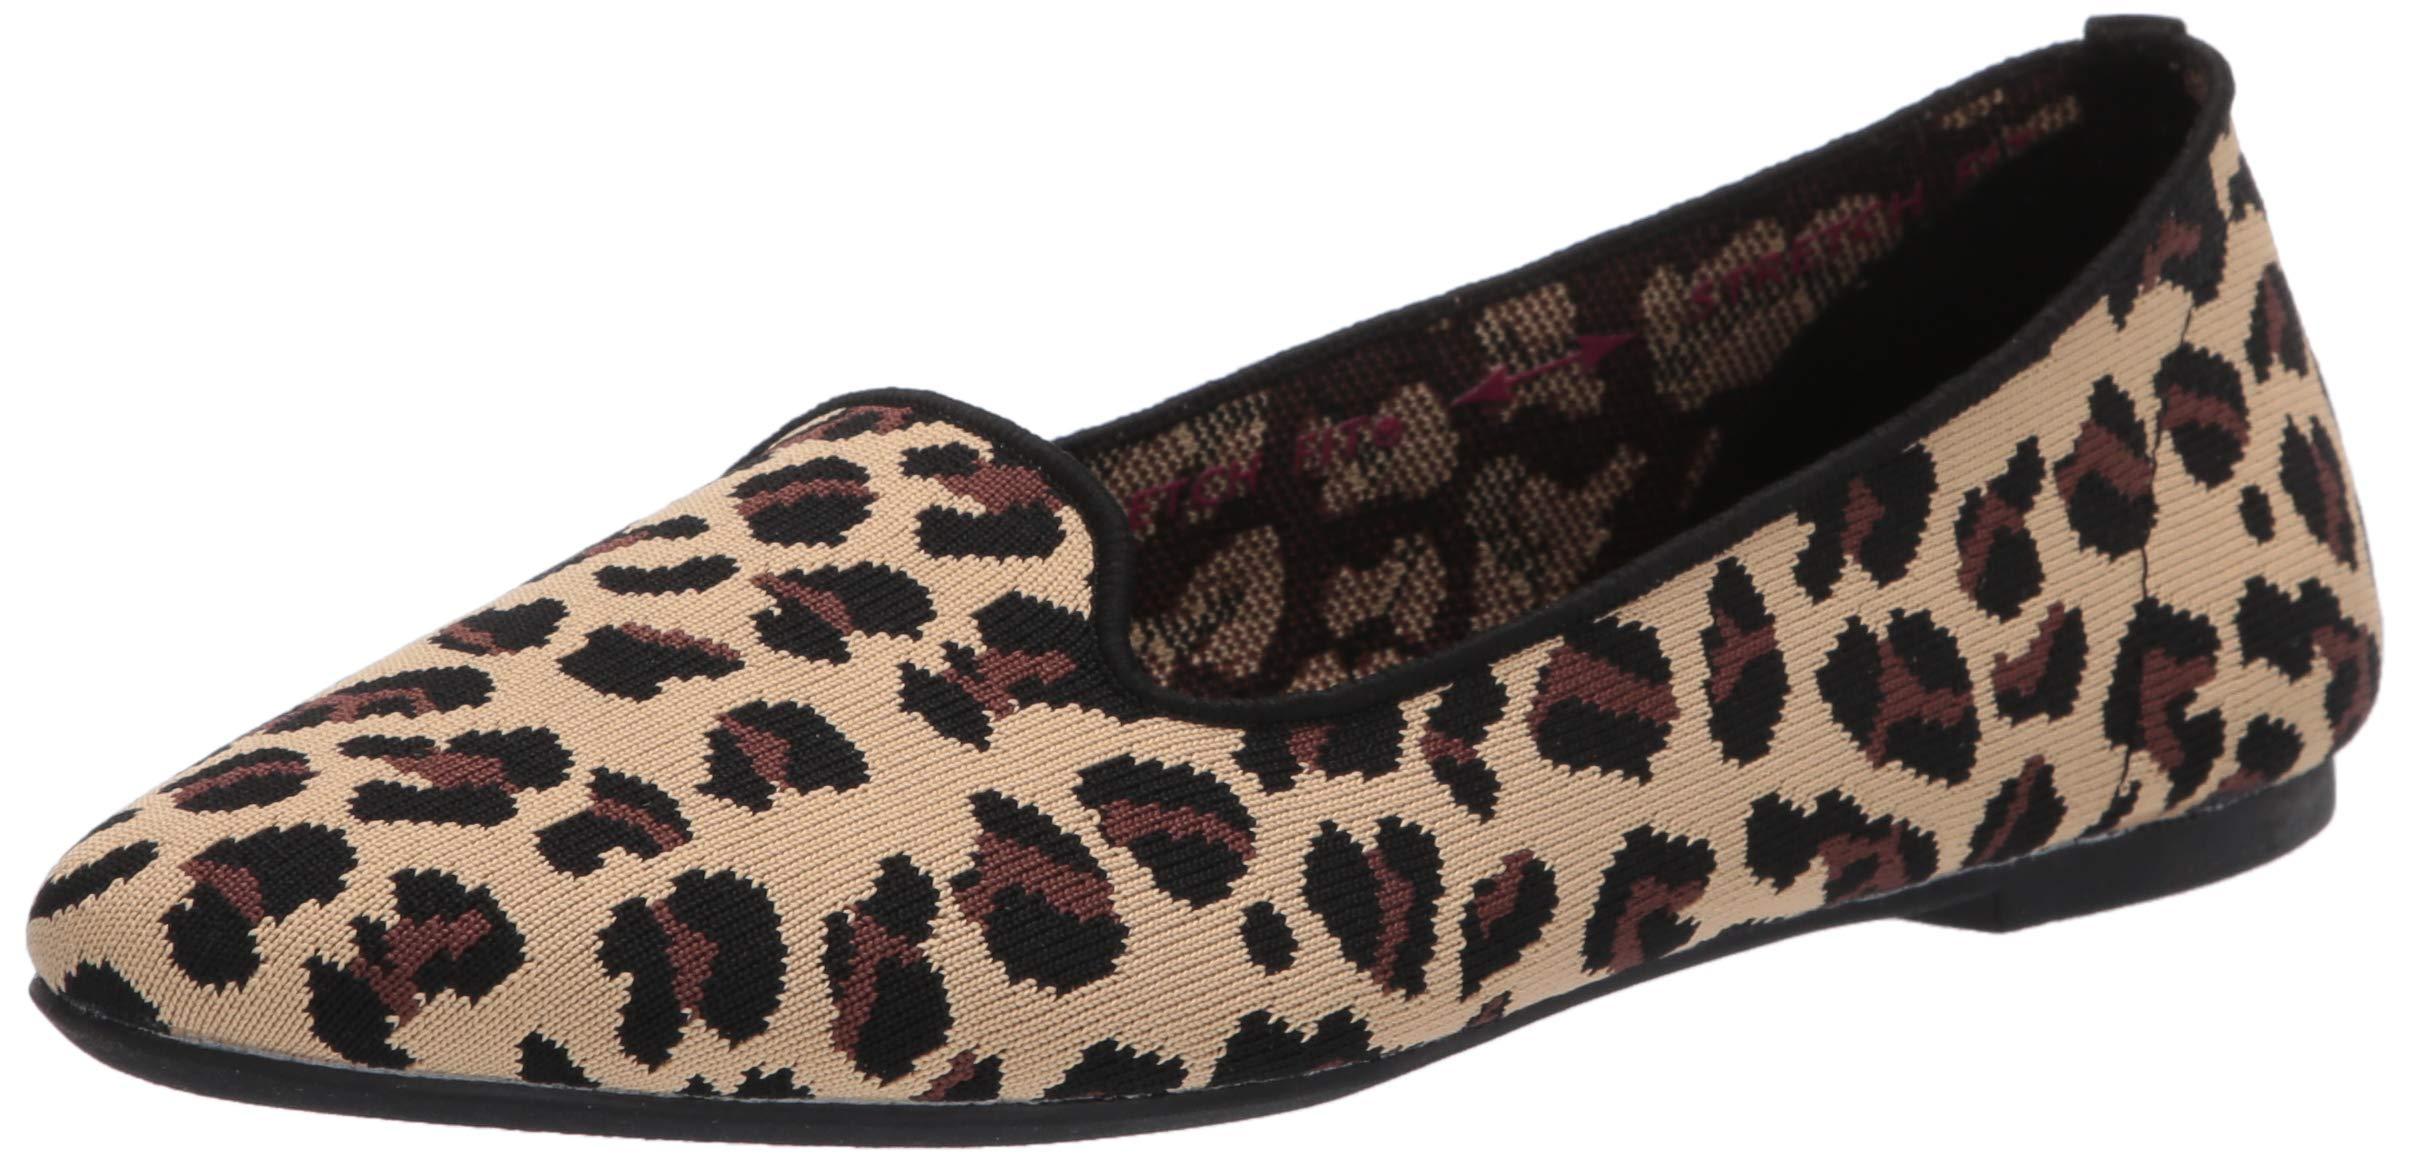 Skechers Women's Cleo-Leopard Loafer